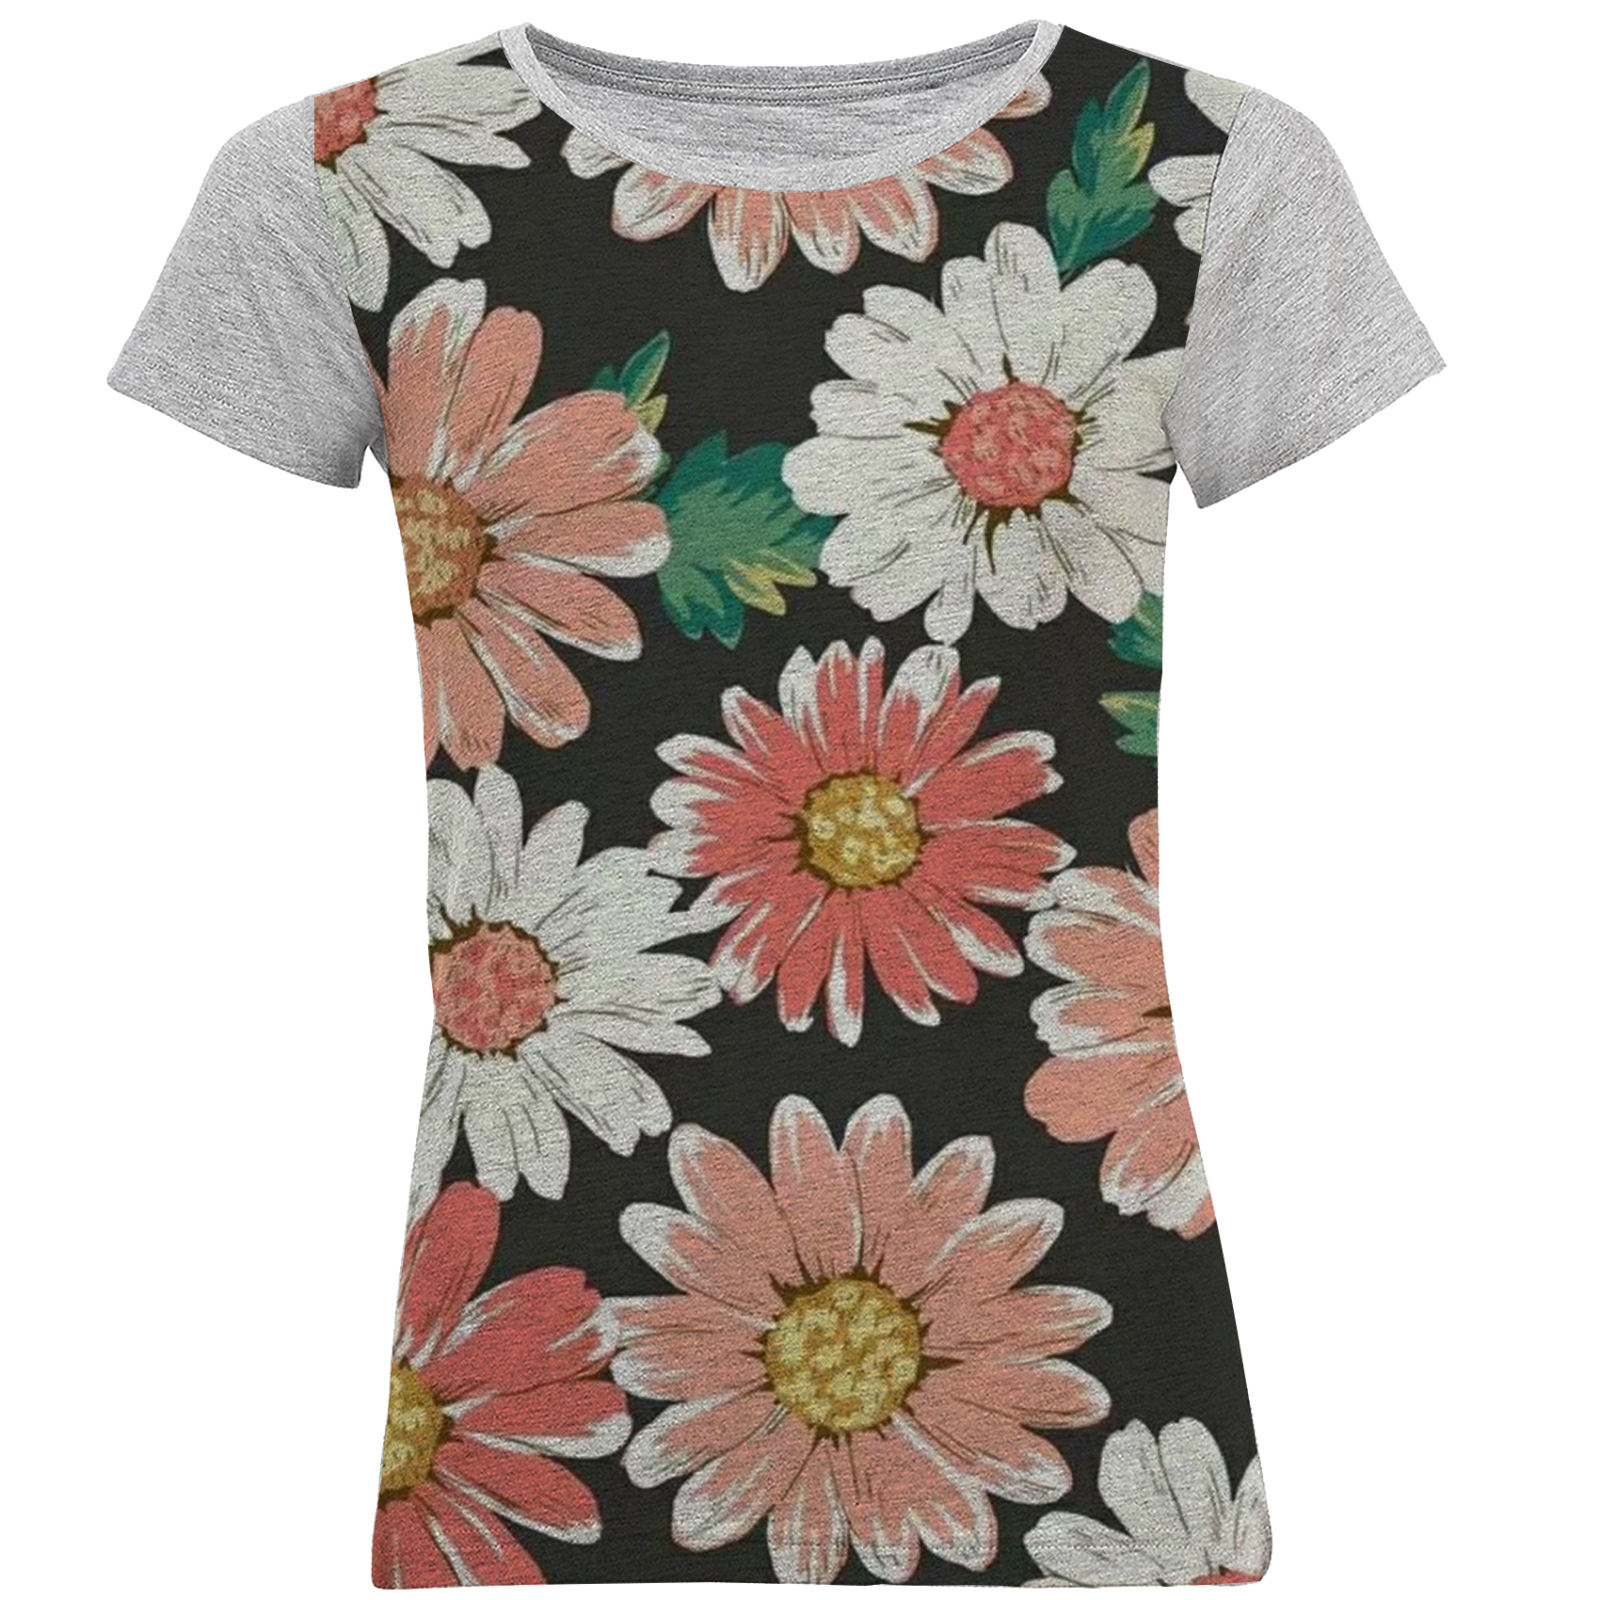 تی شرت آستین کوتاه زنانه کد M07 -  - 3